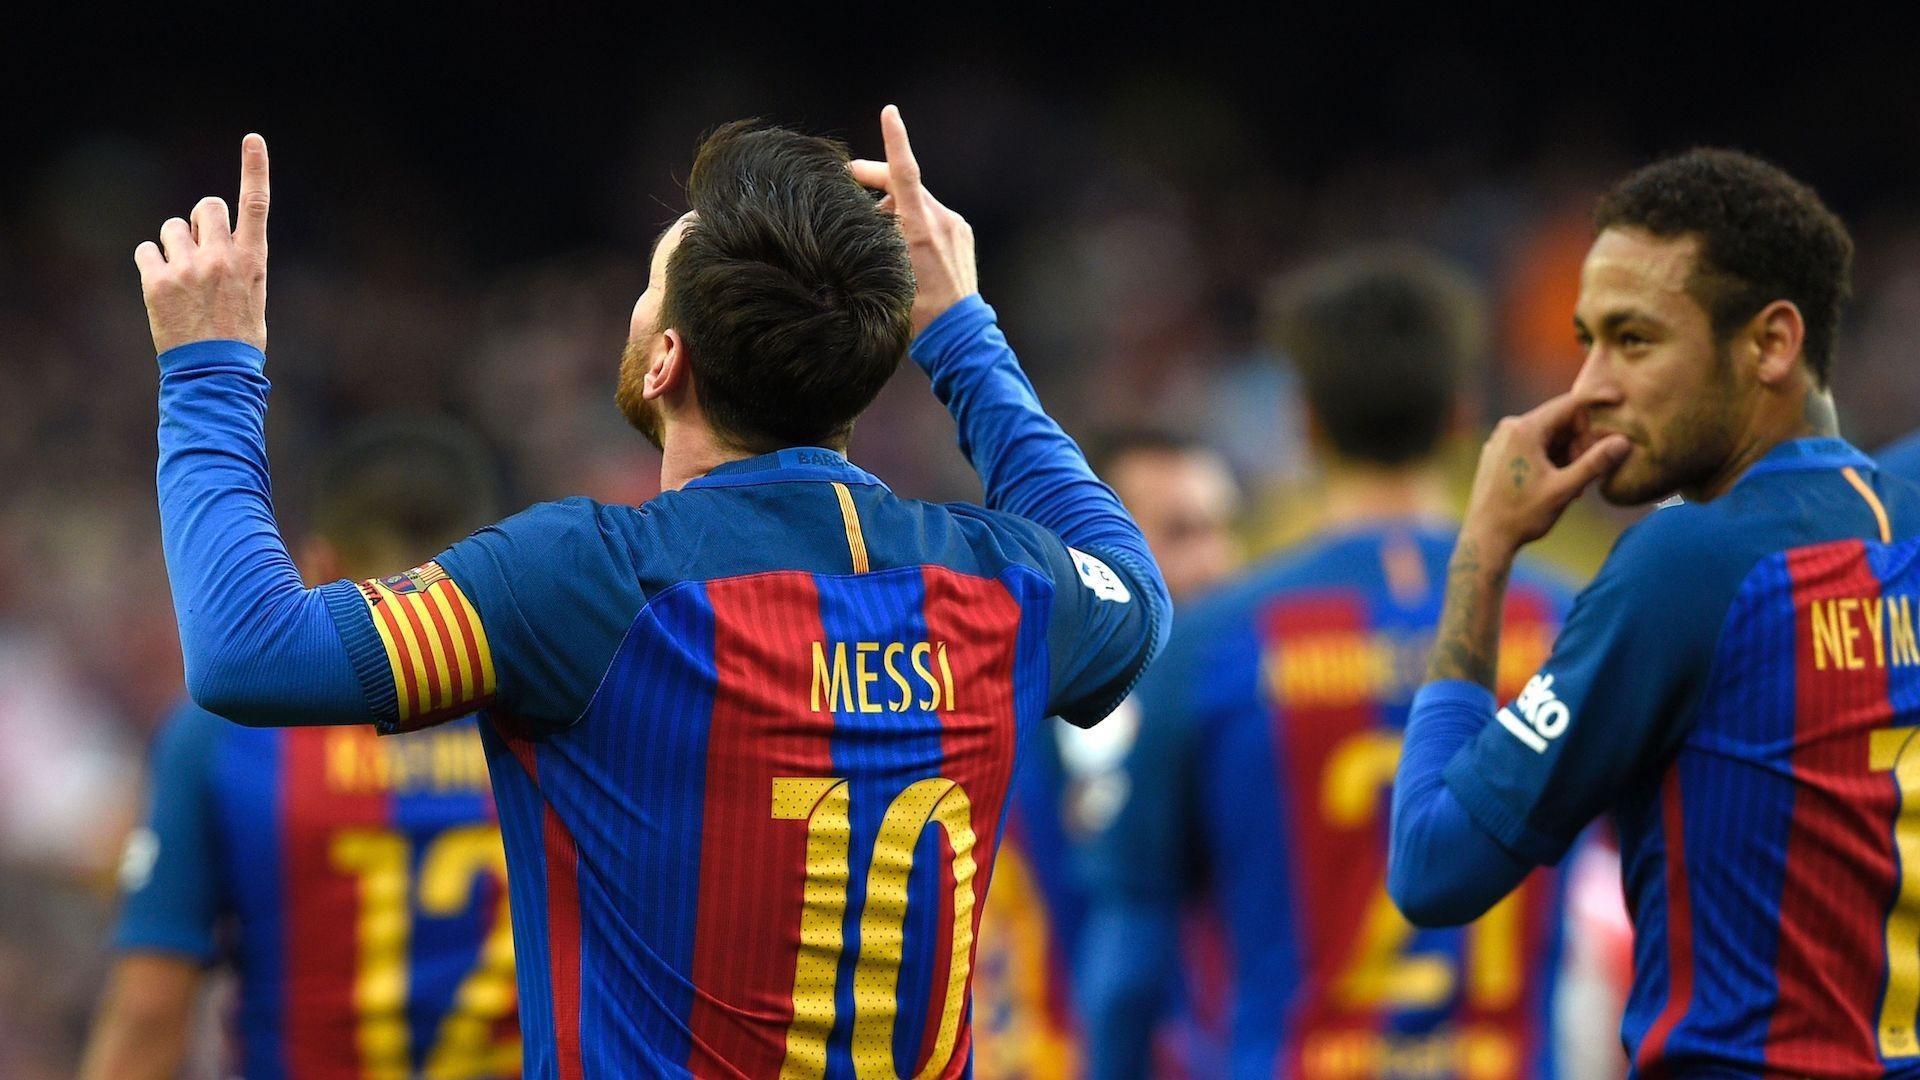 Wonderful Povlečení FC Barcelona Neymar – FC Barcelona Wallpaper HD 2017  DJF9